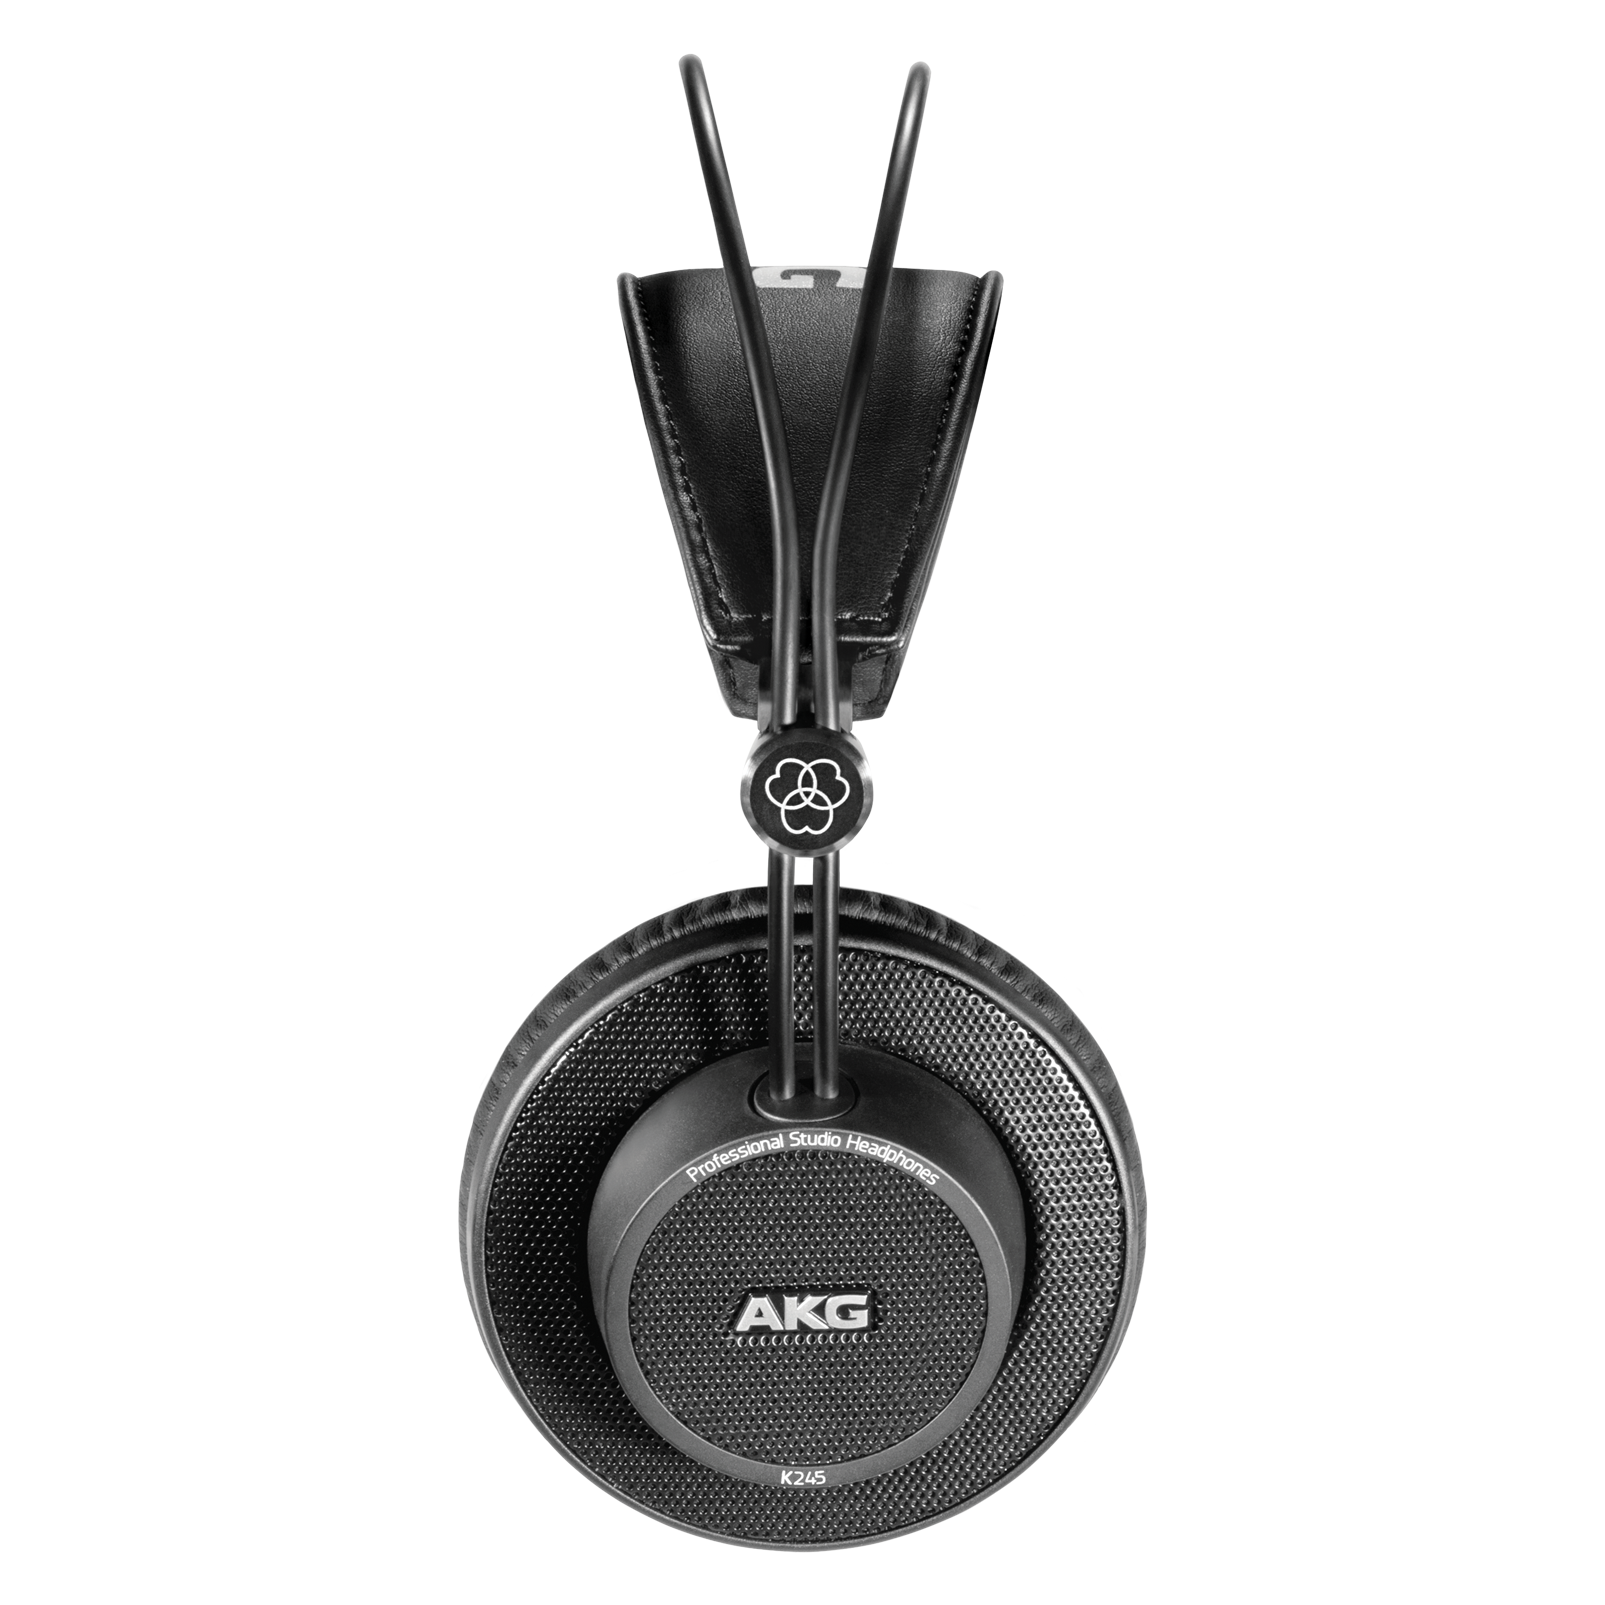 K245 - Black - Over-ear, open-back, foldable studio headphones - Left